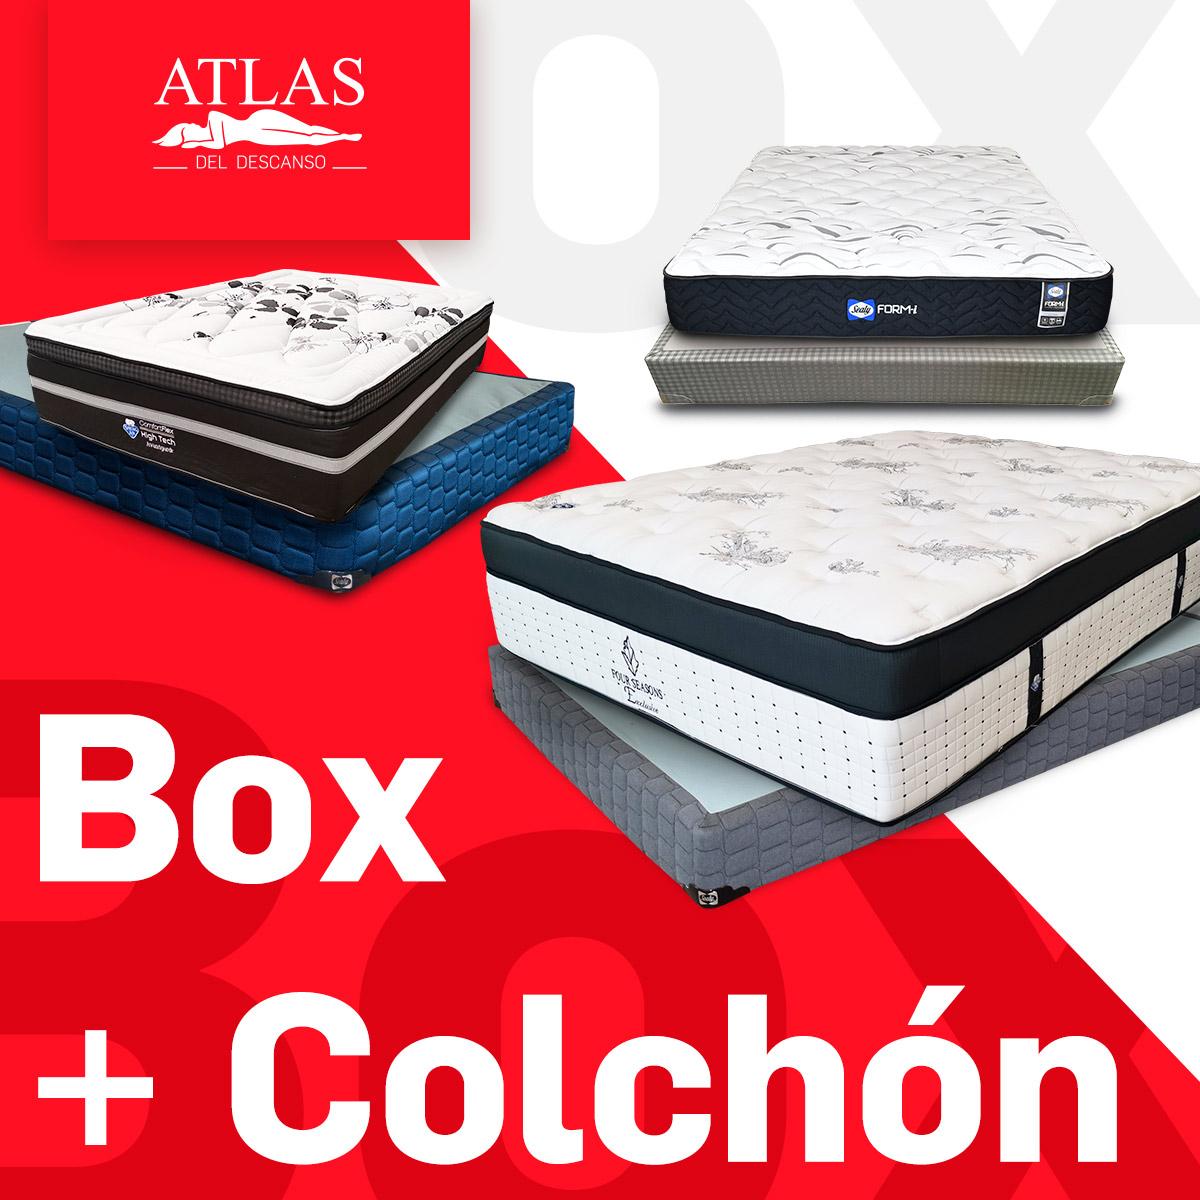 Colchones + Box